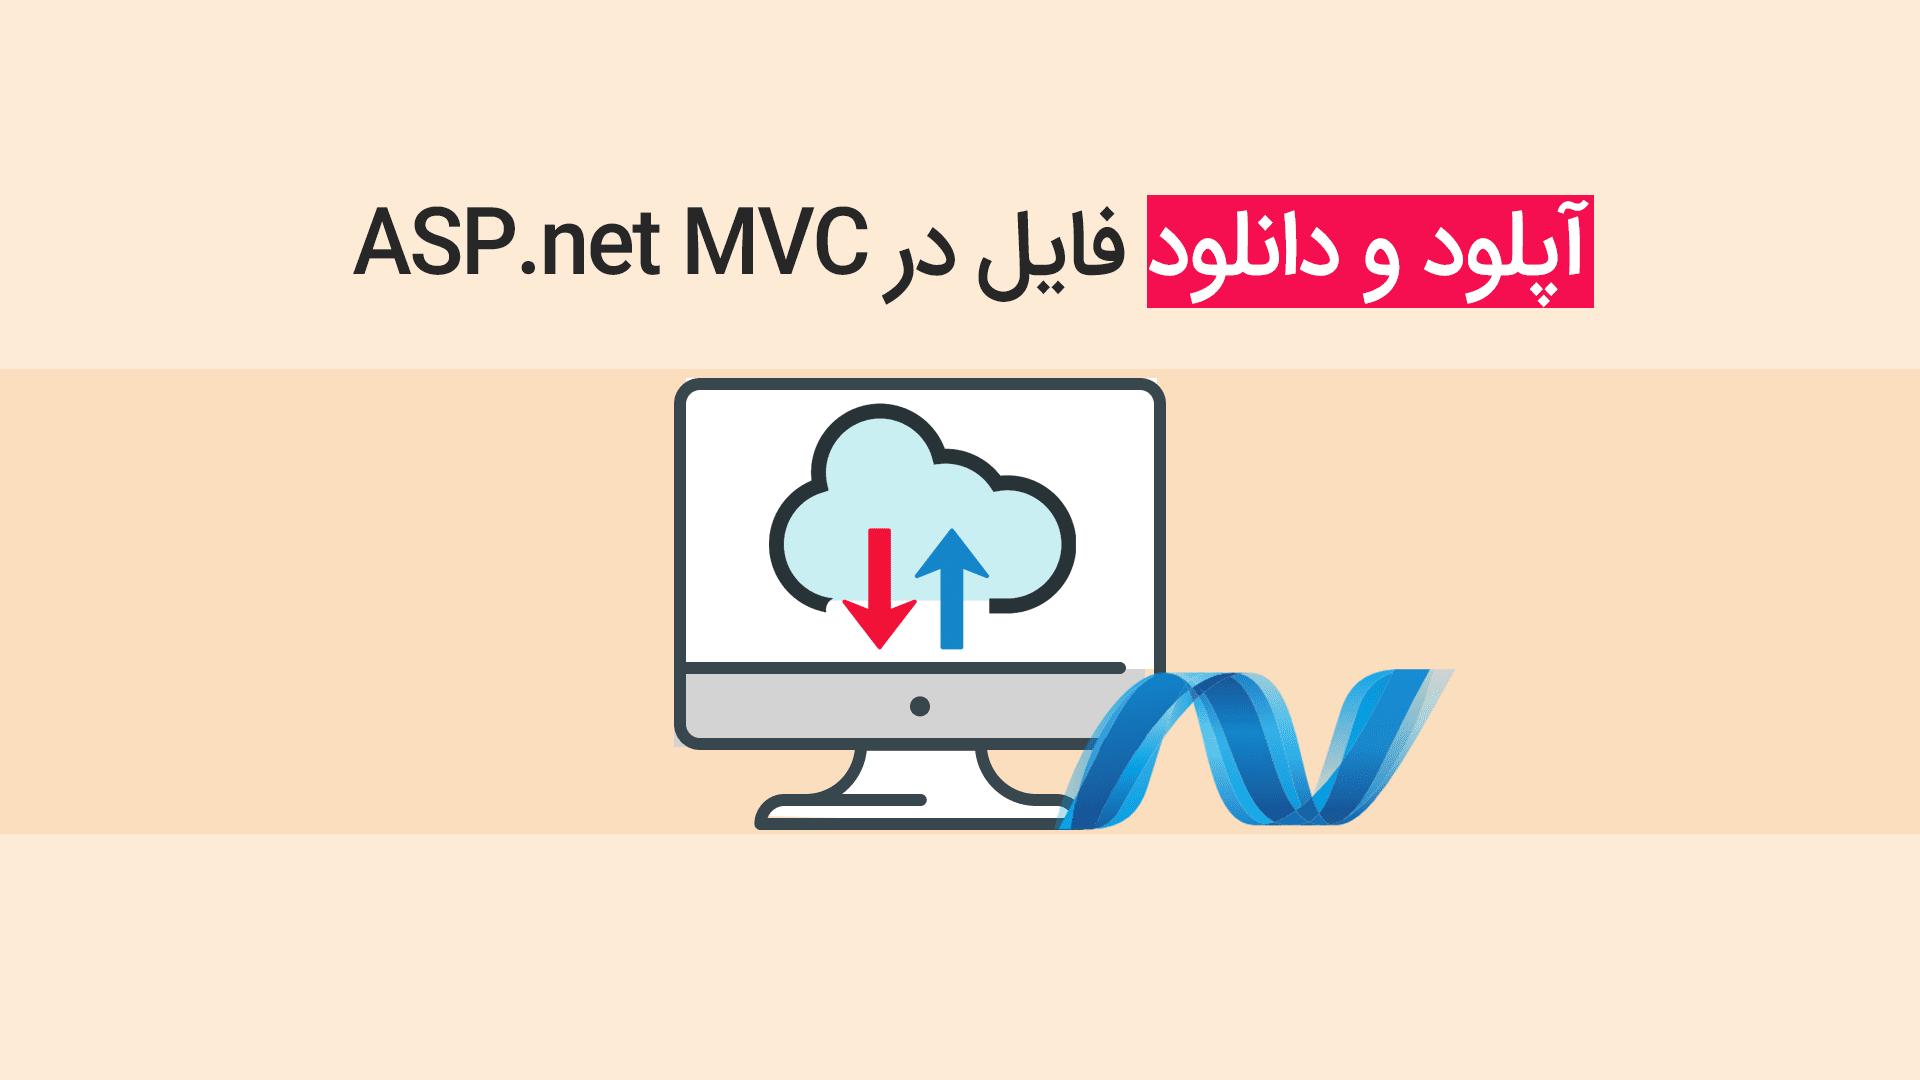 آپلود و دانلود فایل در ASP.net MVC